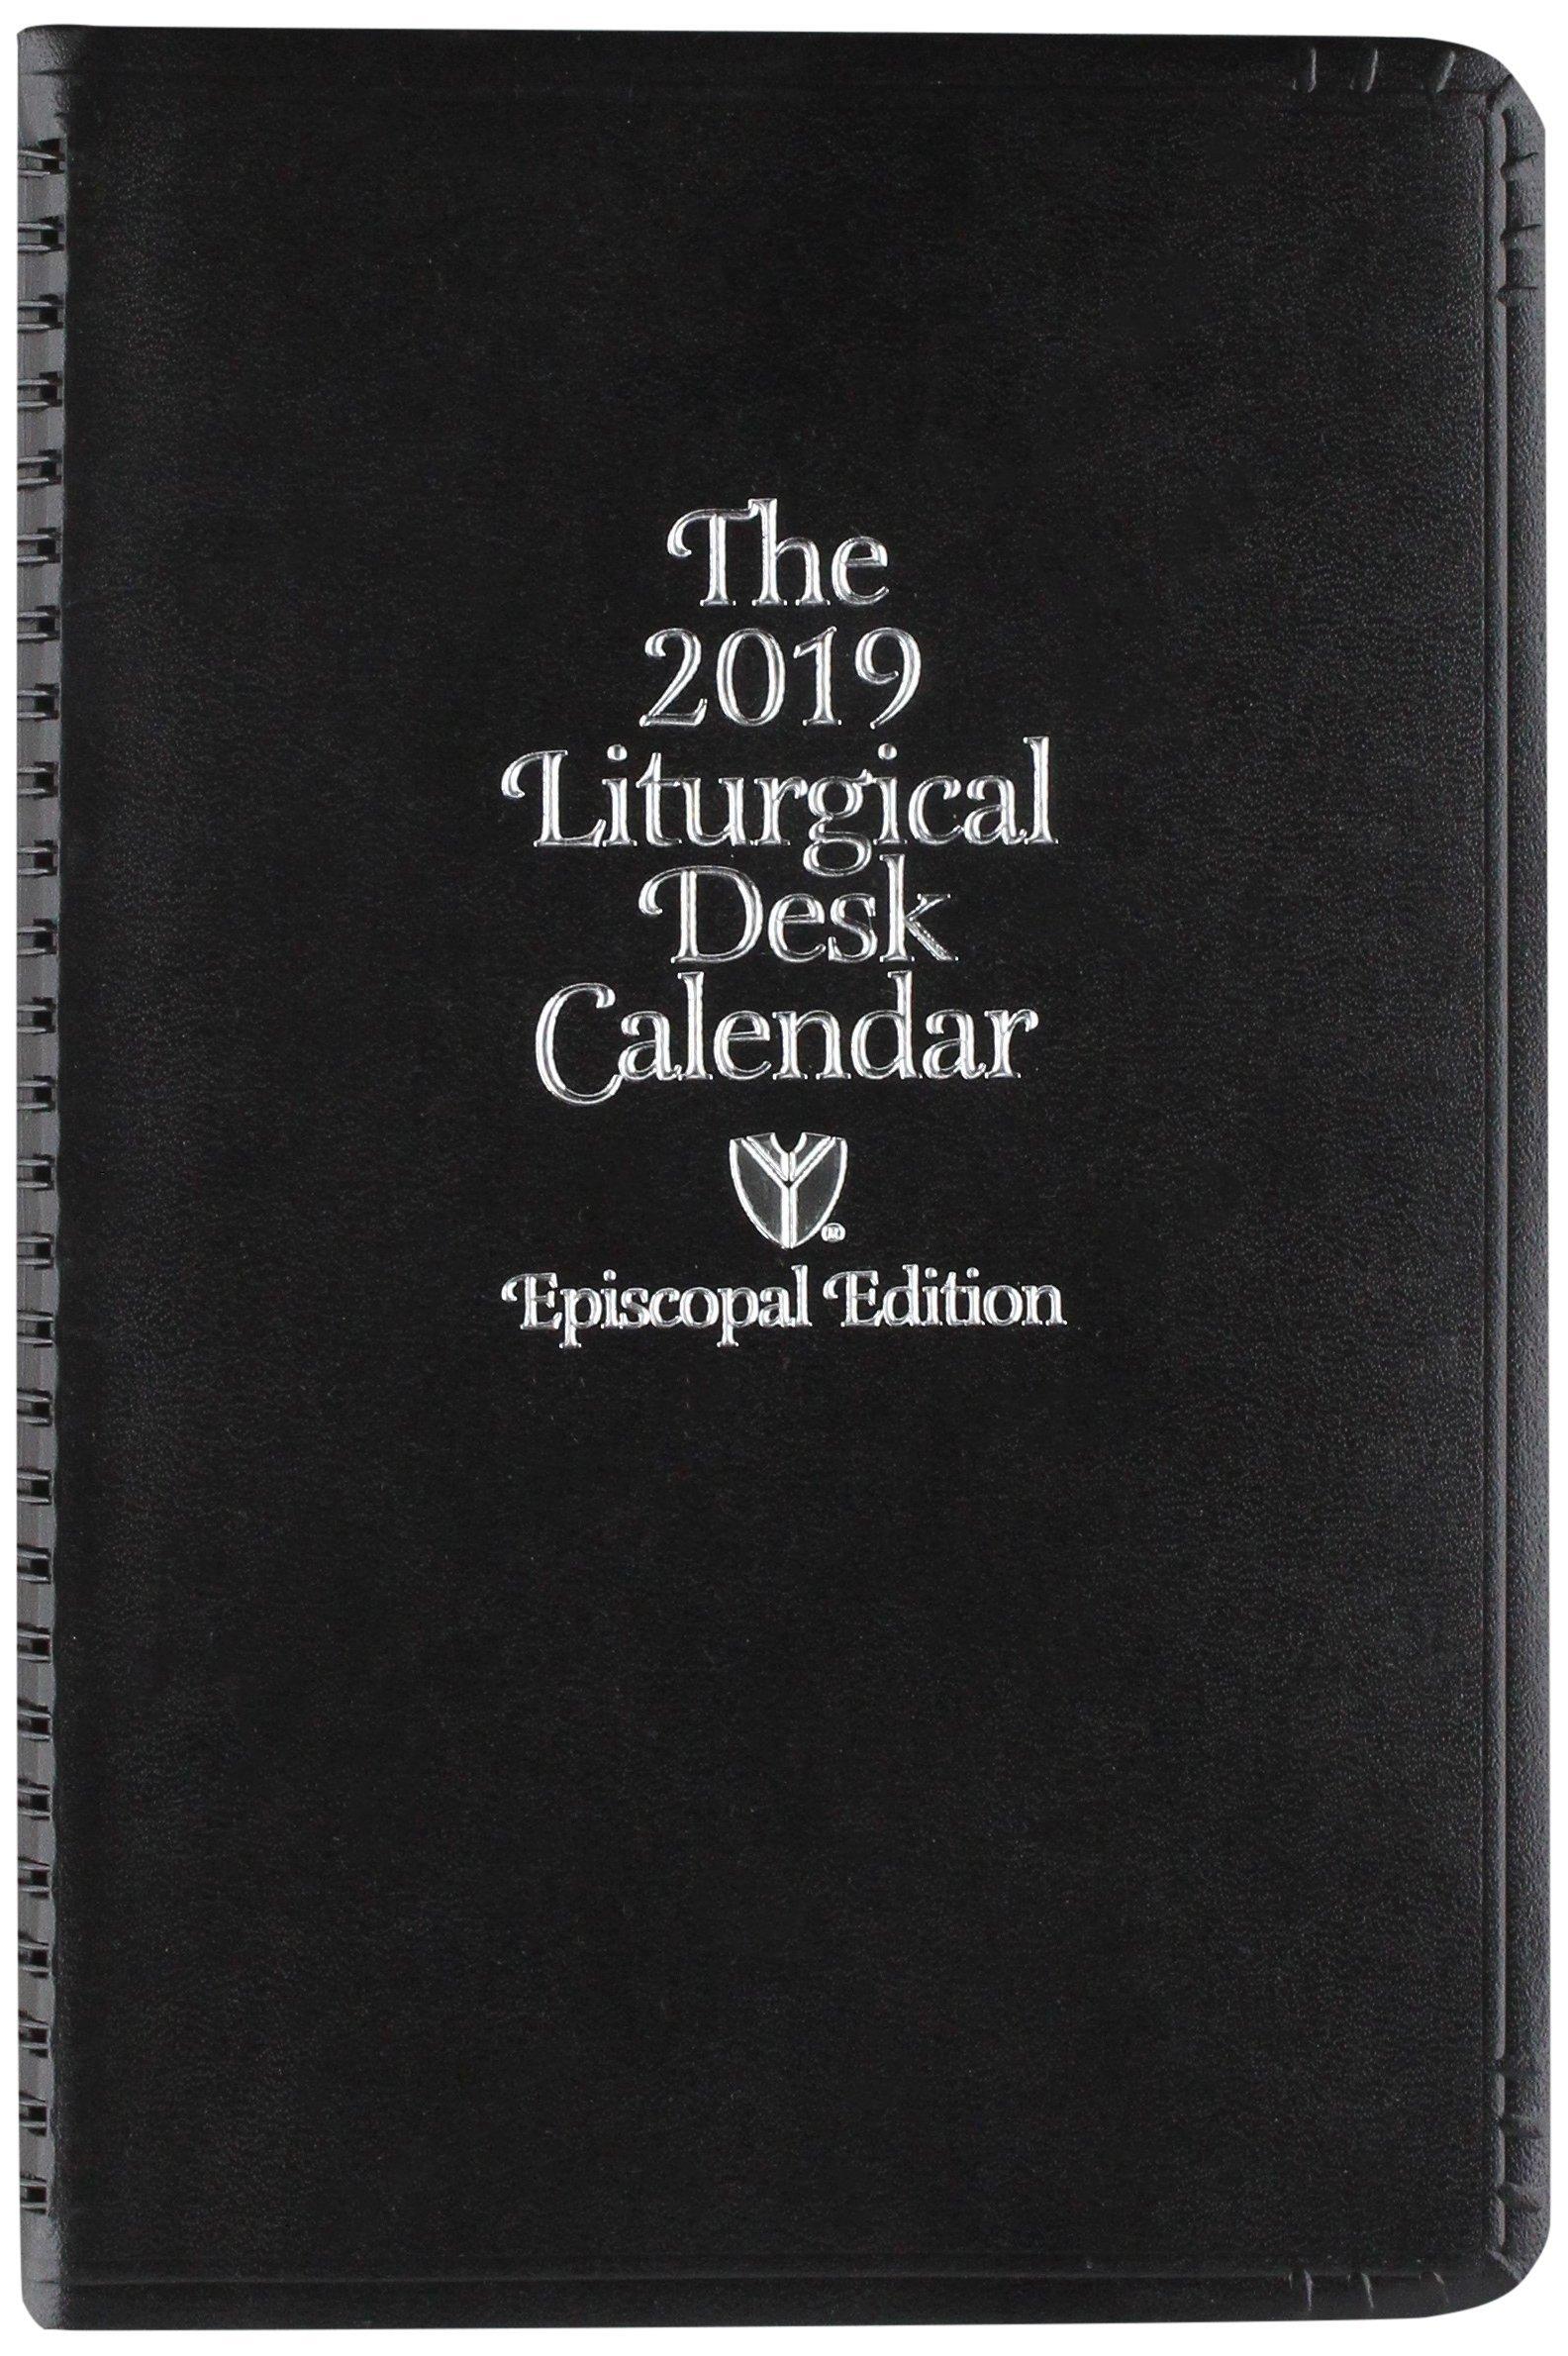 episcopal liturgical desk calendar 2019